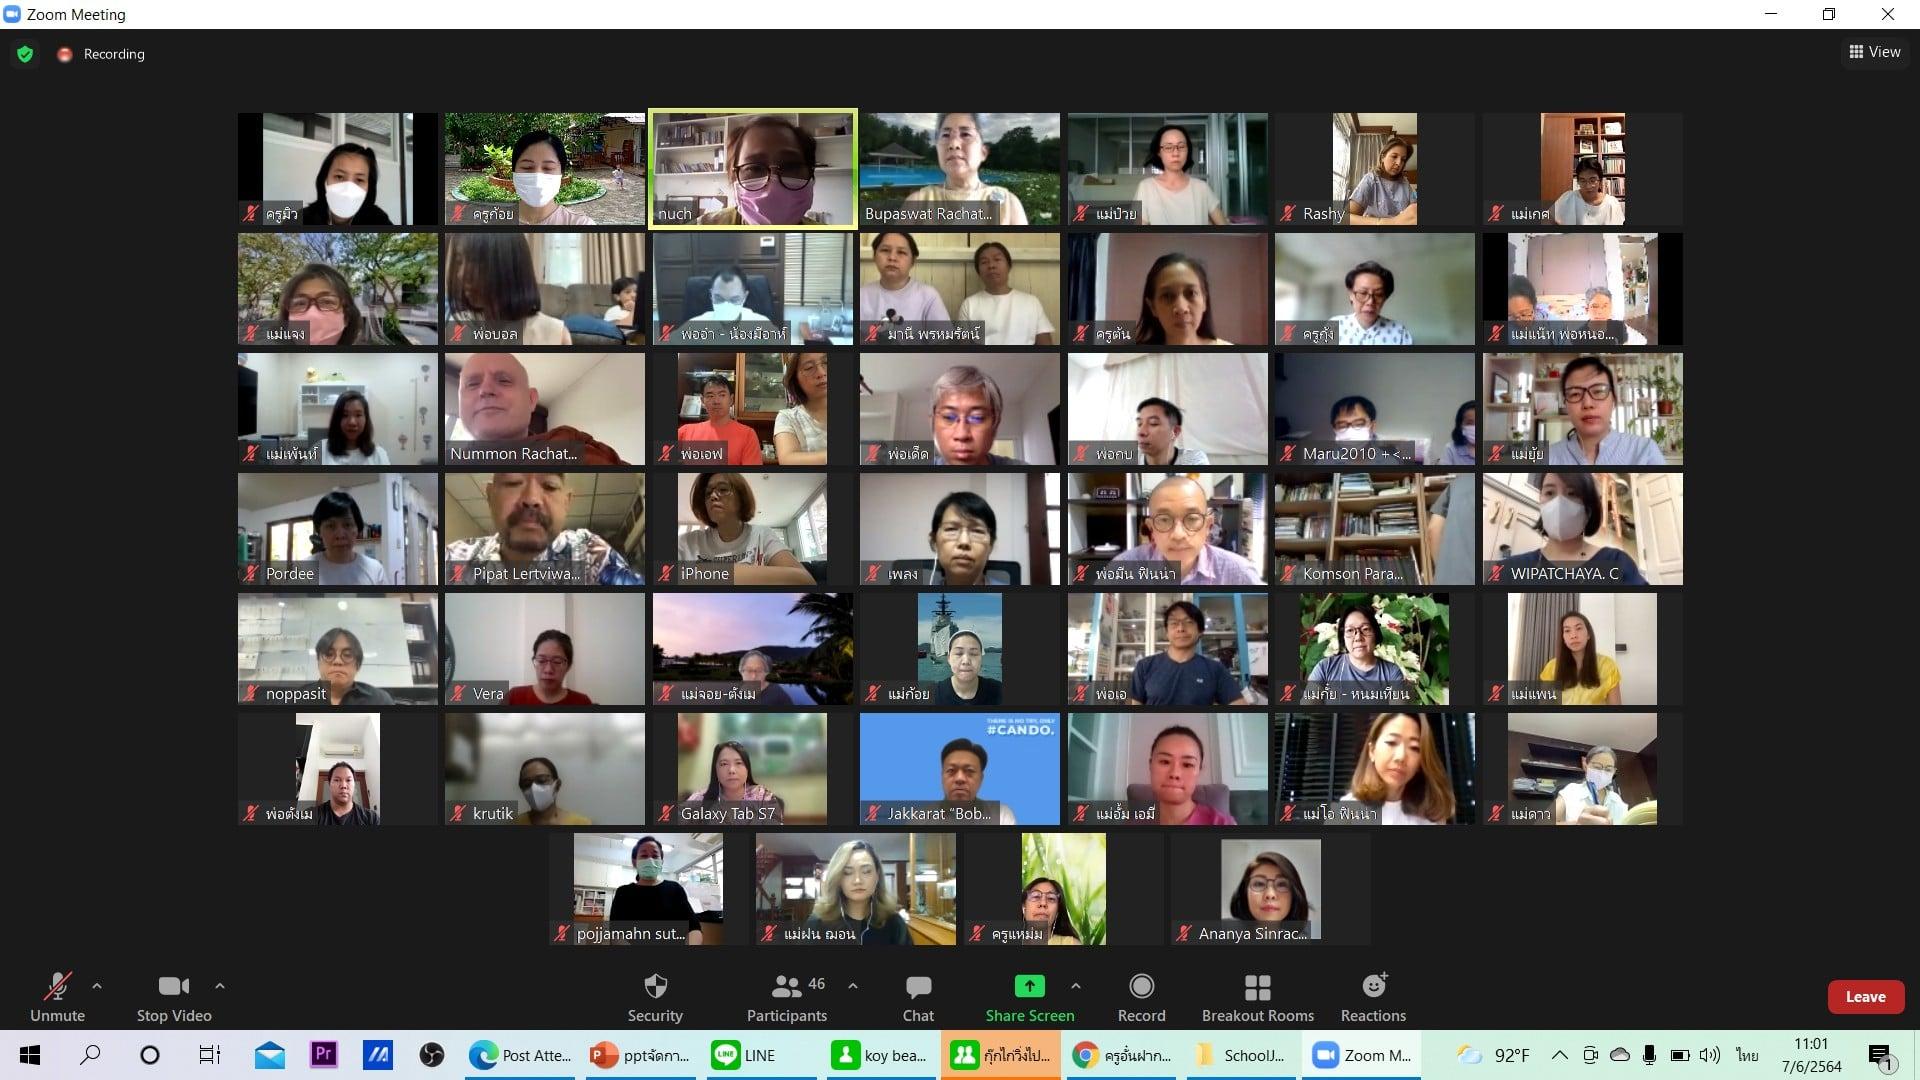 Zoom Meeting  ห่างกาย..ต้องไม่ห่างใจ กัลยาณมิตร ระหว่างบ้านและโรงเรียน